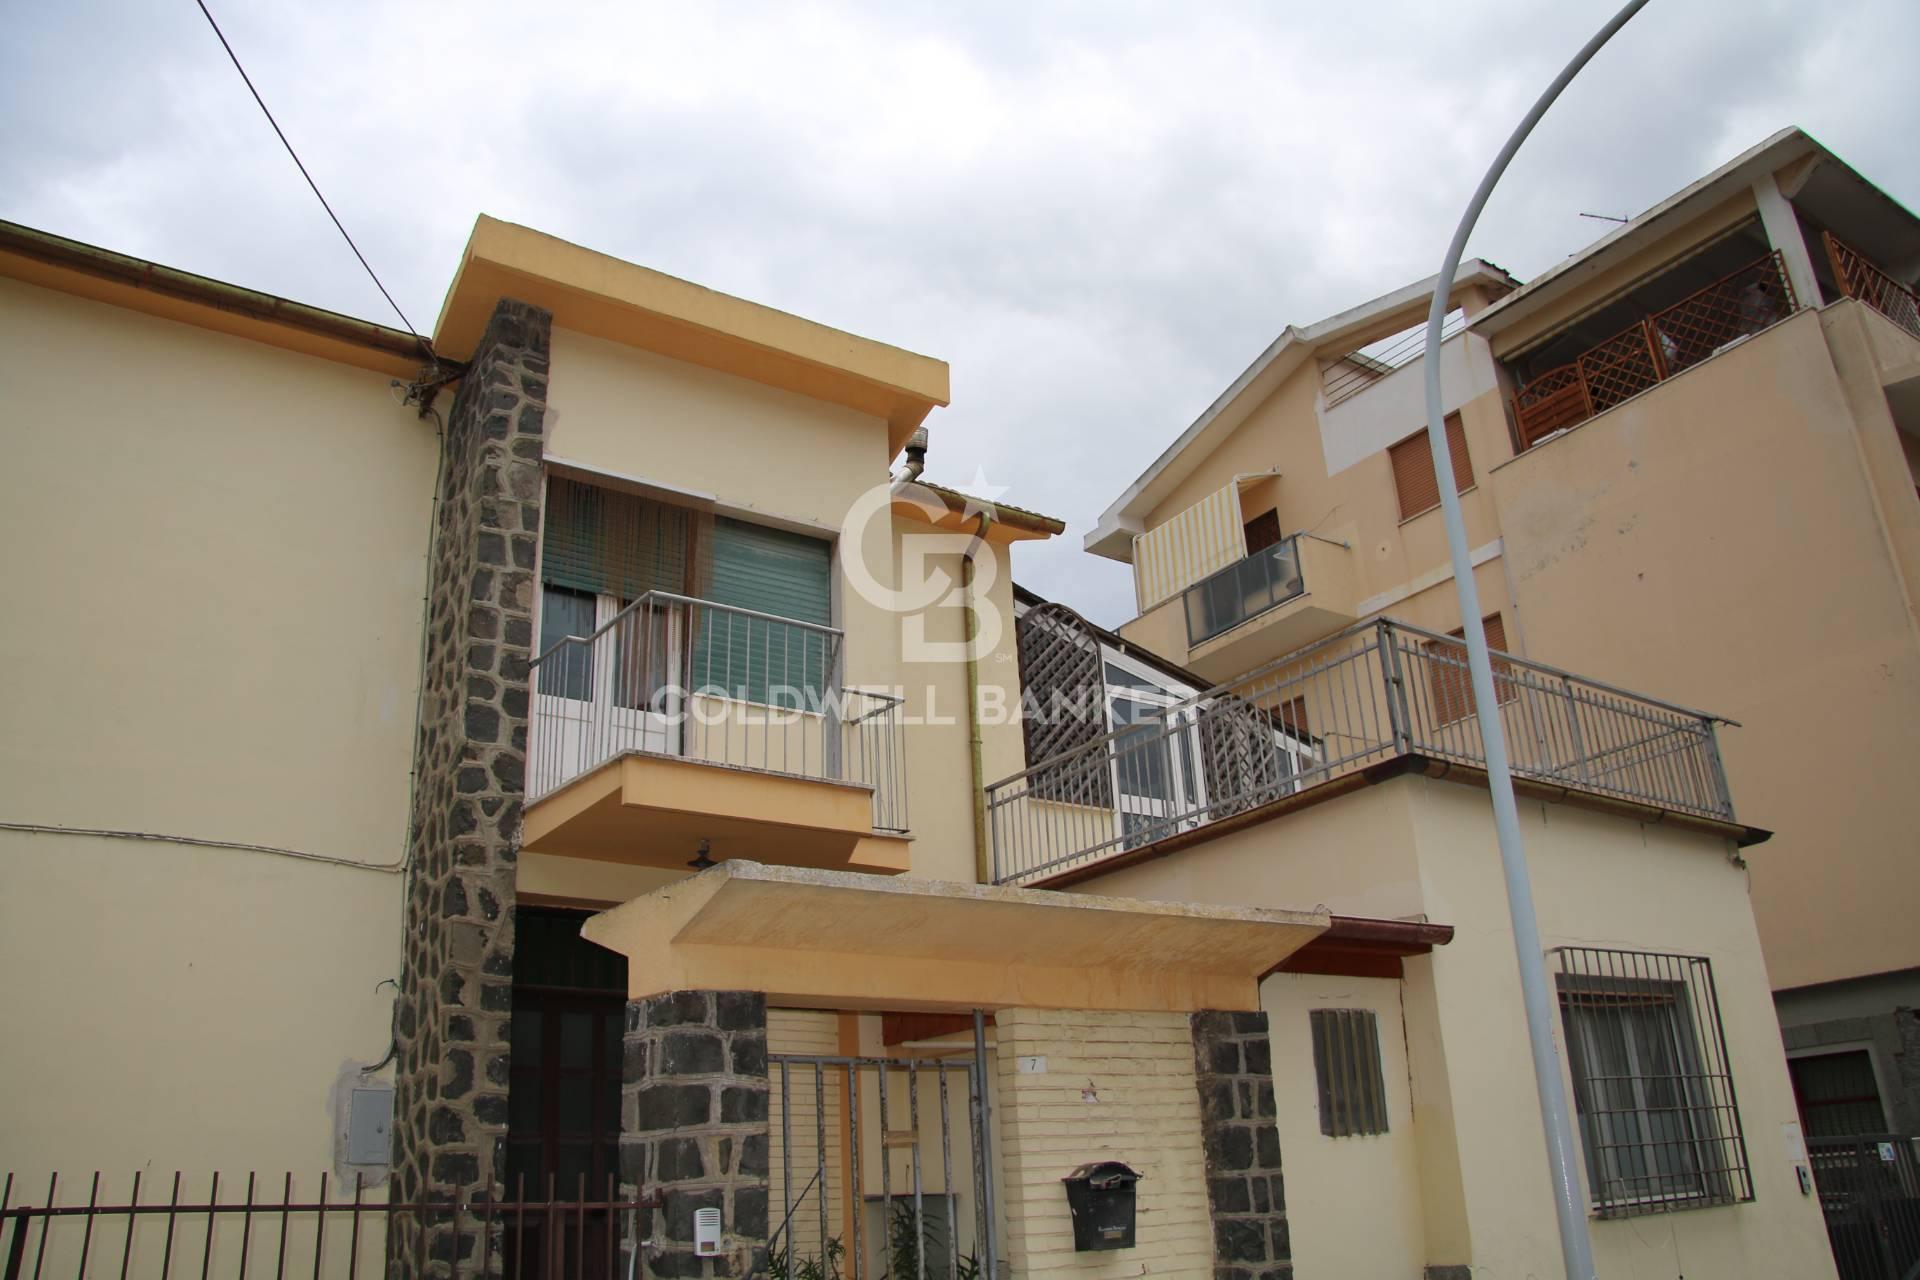 Villa in vendita a Montalto di Castro, 12 locali, zona Località: MontaltodiCastro, prezzo € 380.000 | CambioCasa.it